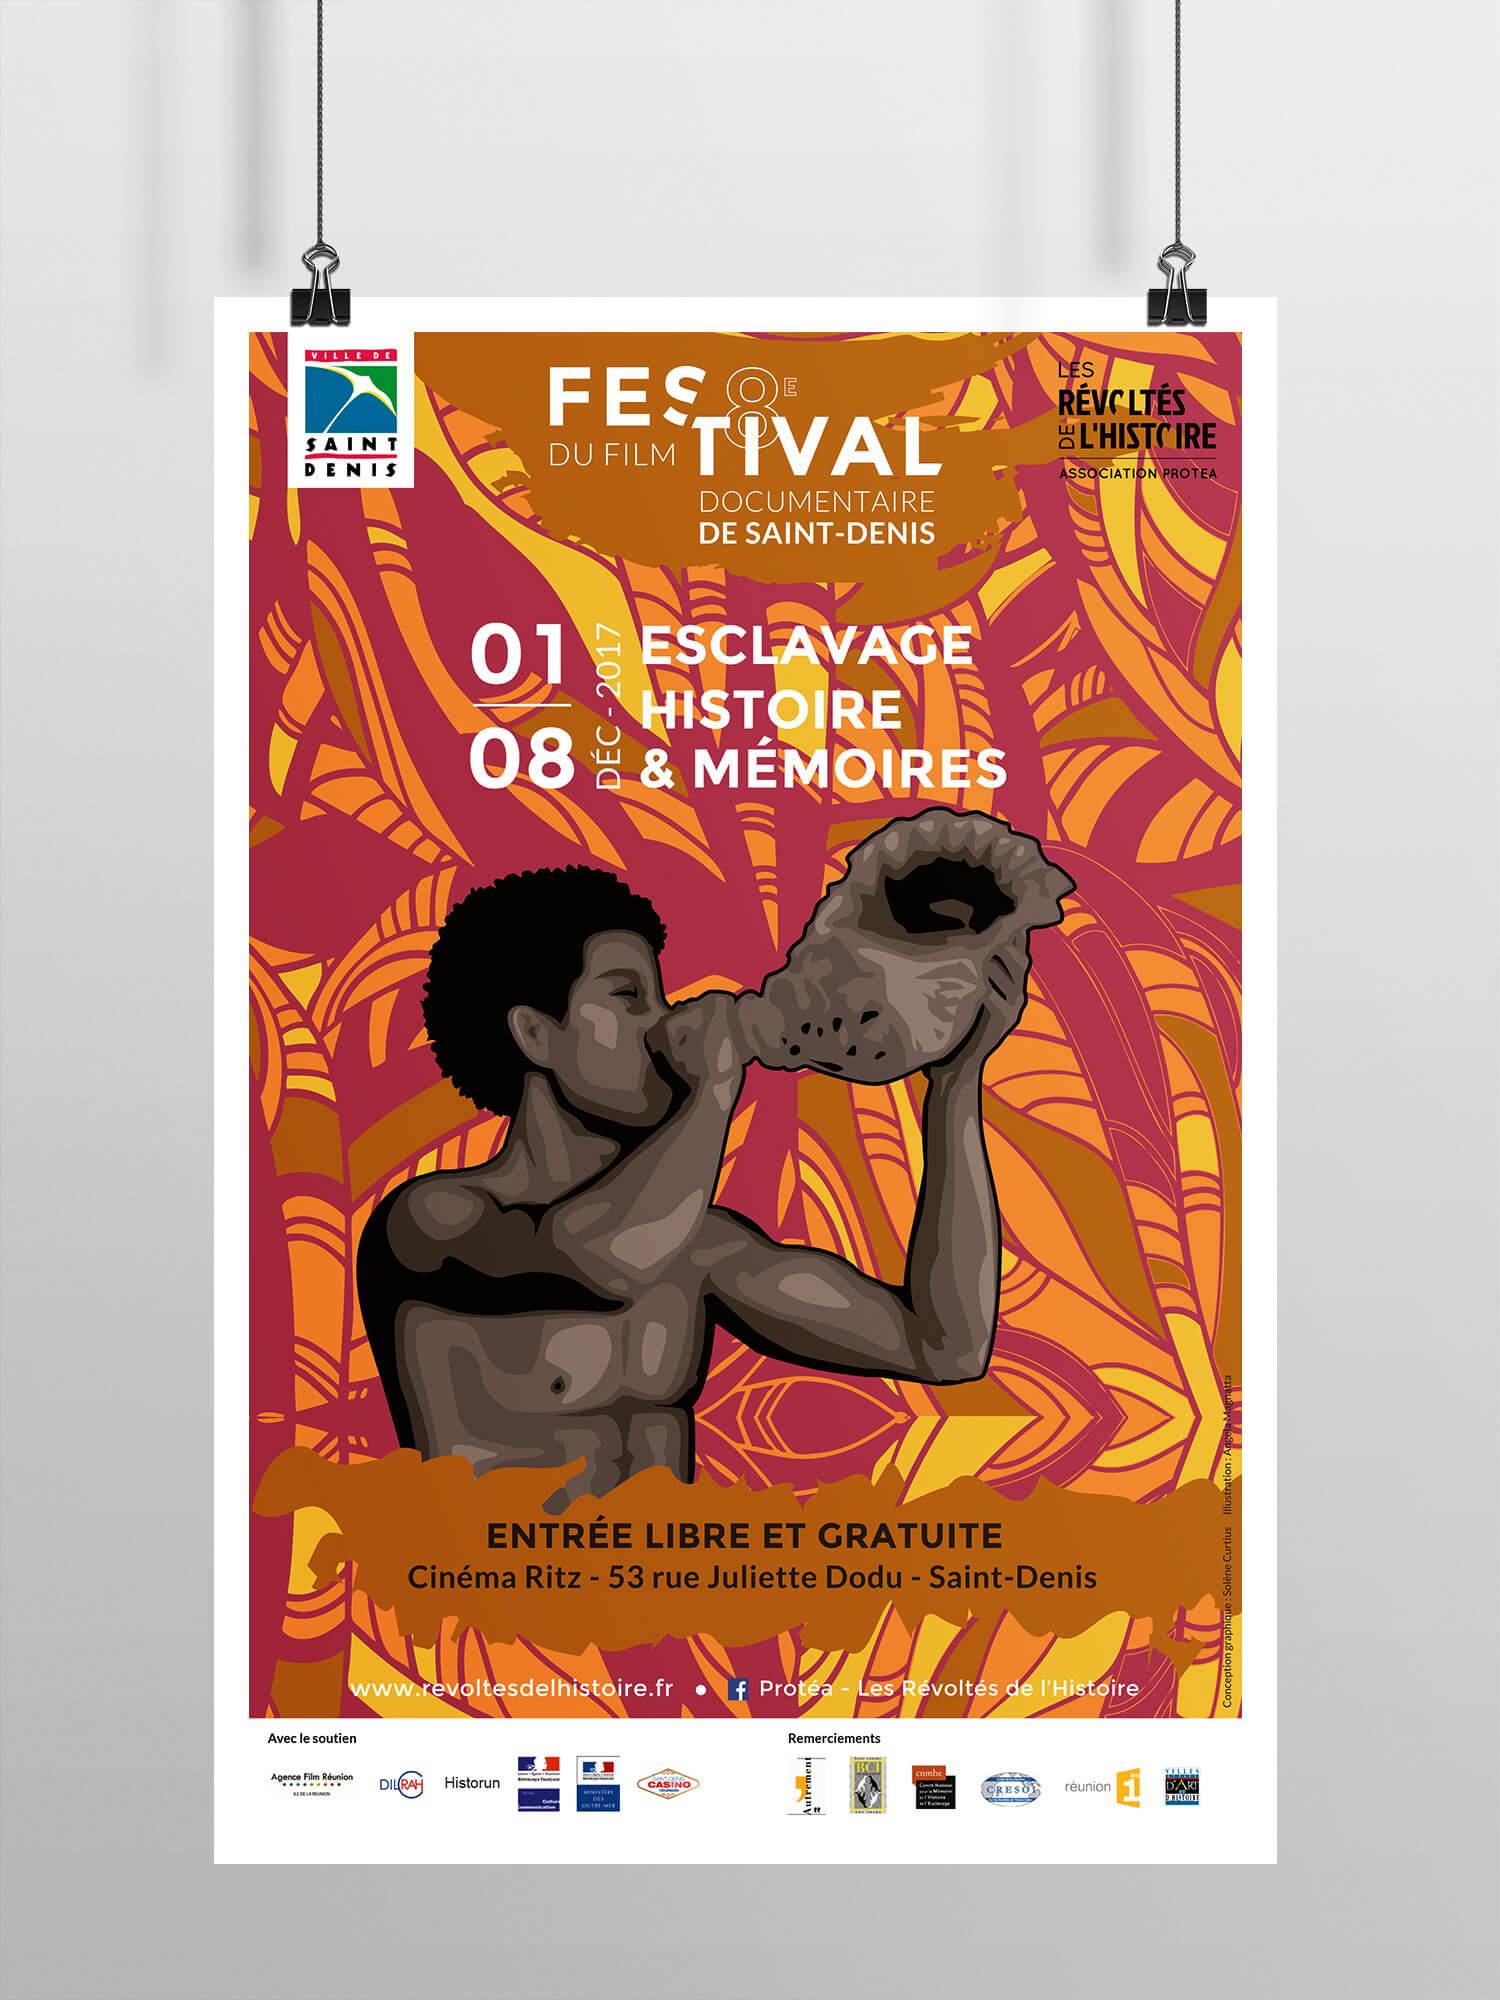 Les Révoltés de l'histoire - Festival de la Reunion